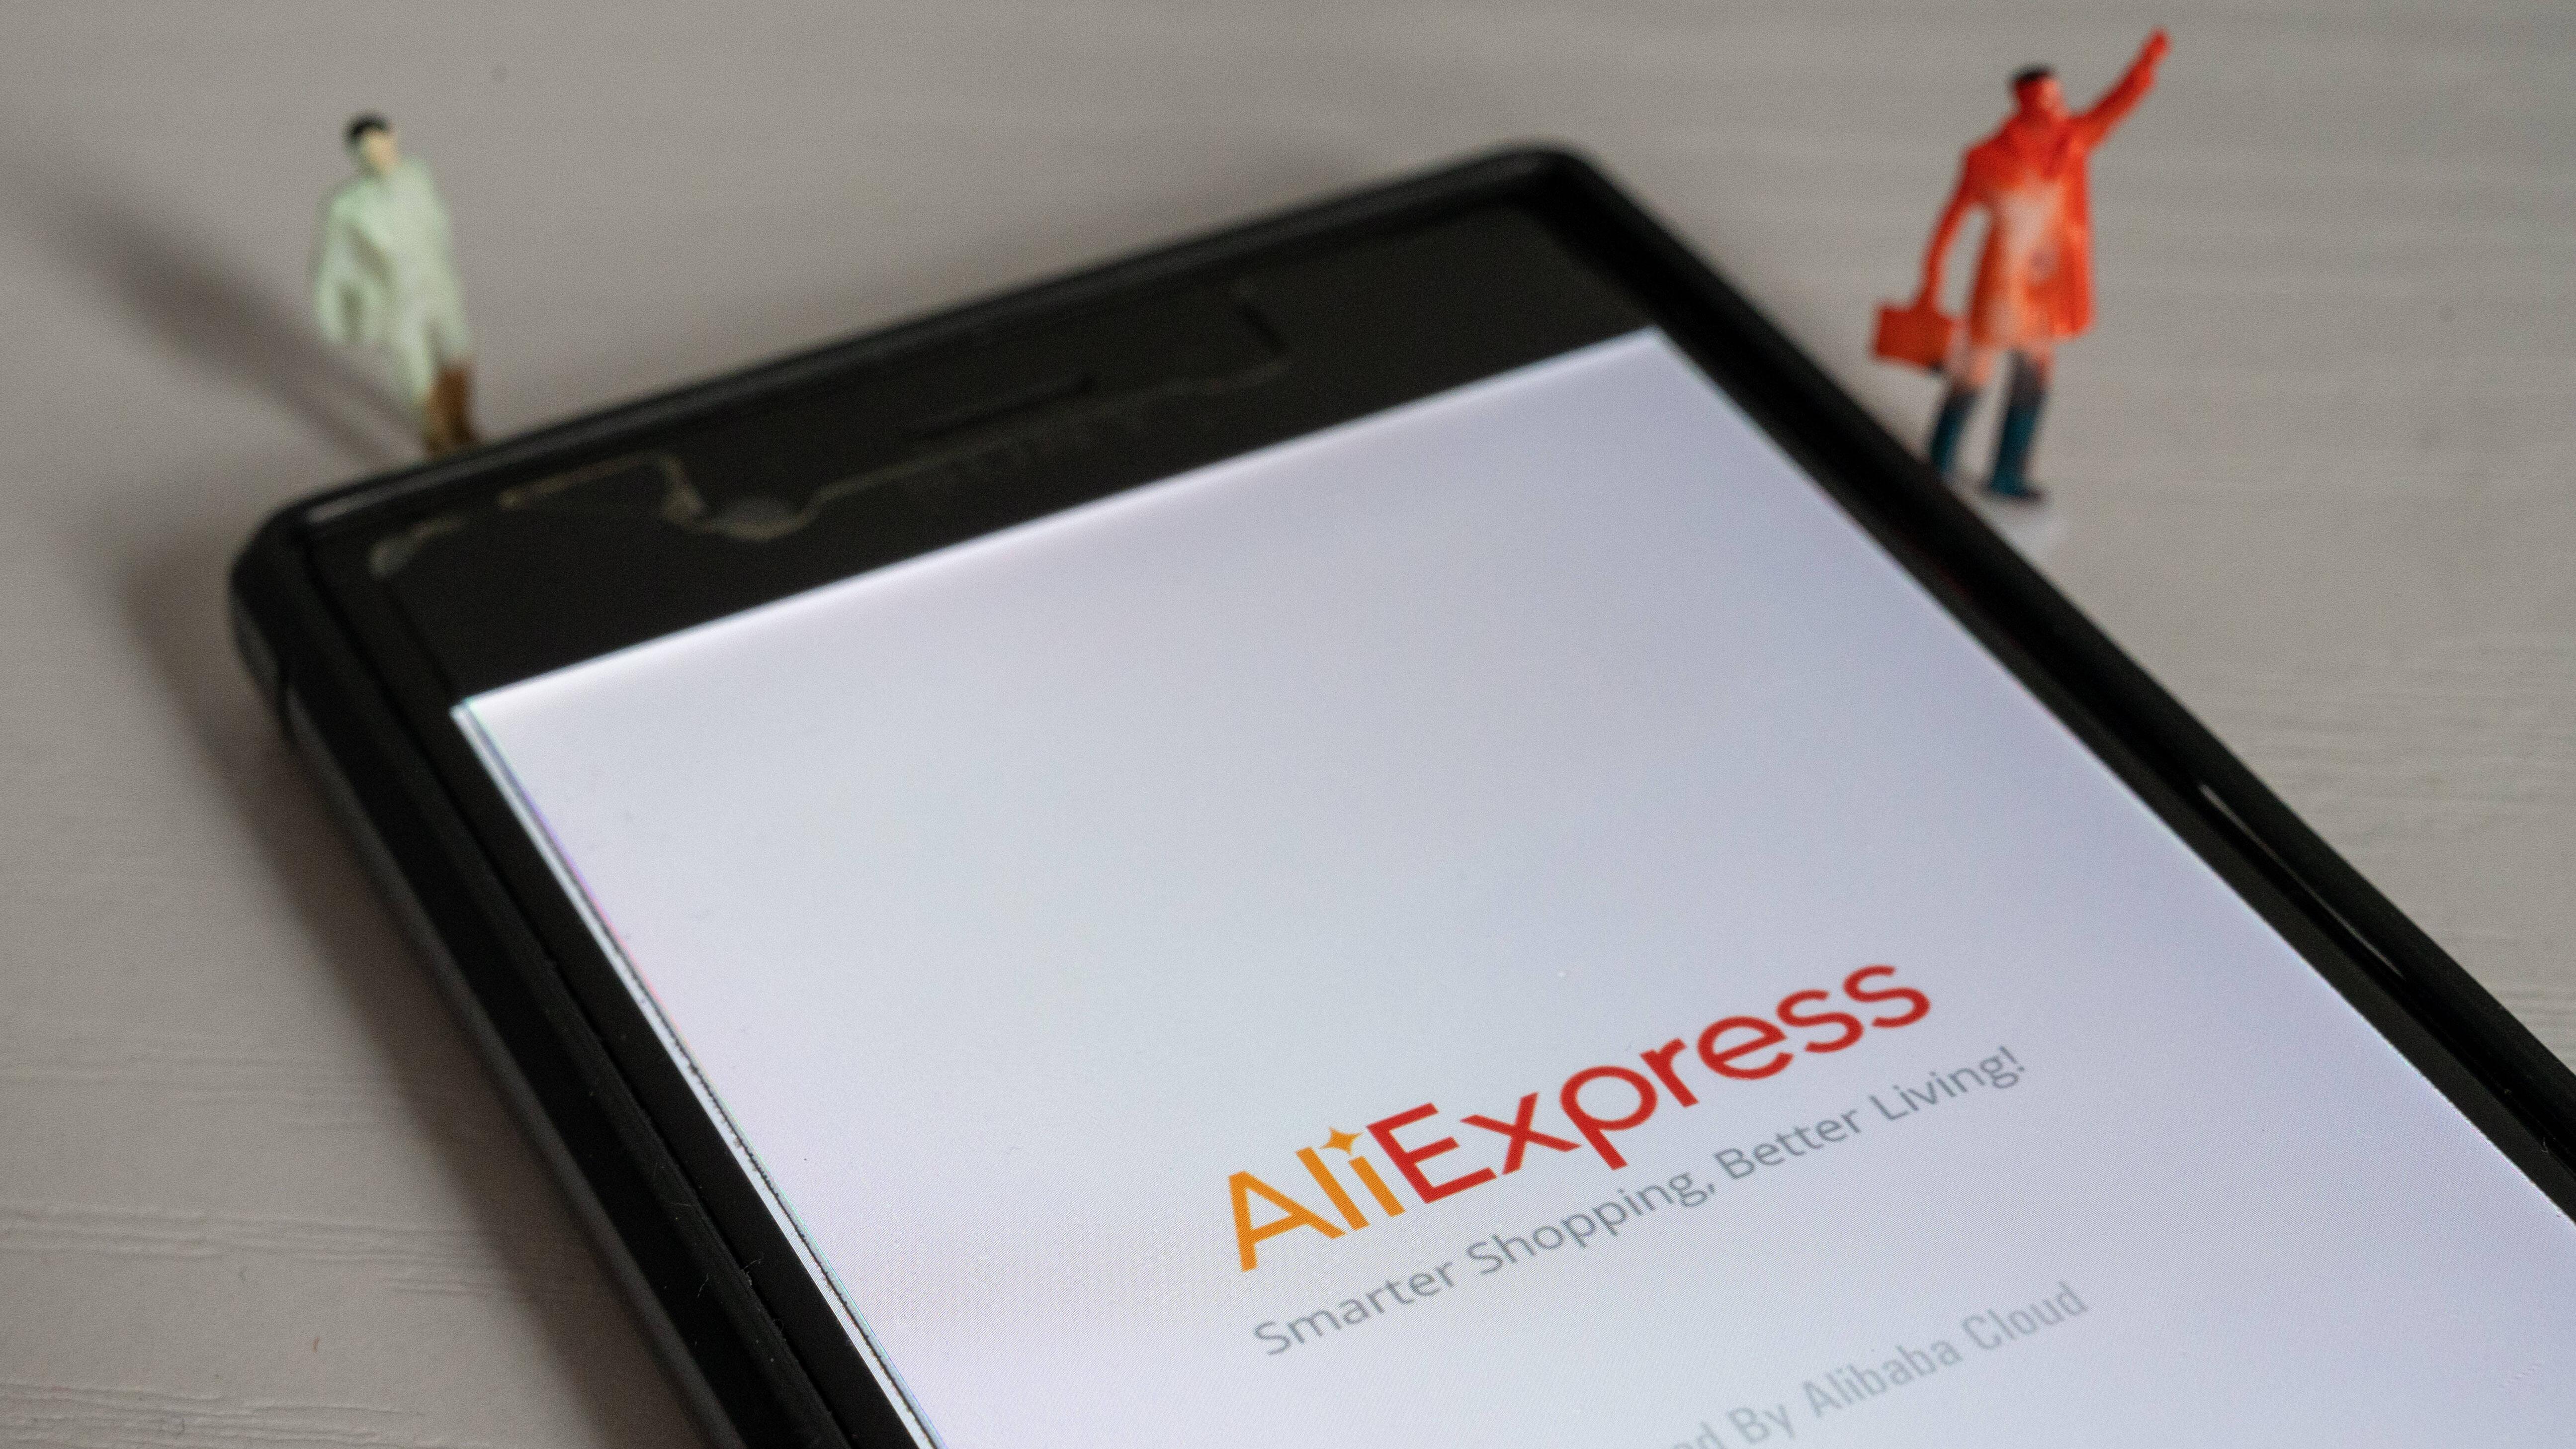 AliExpress: Bestellung stornieren - so geht's